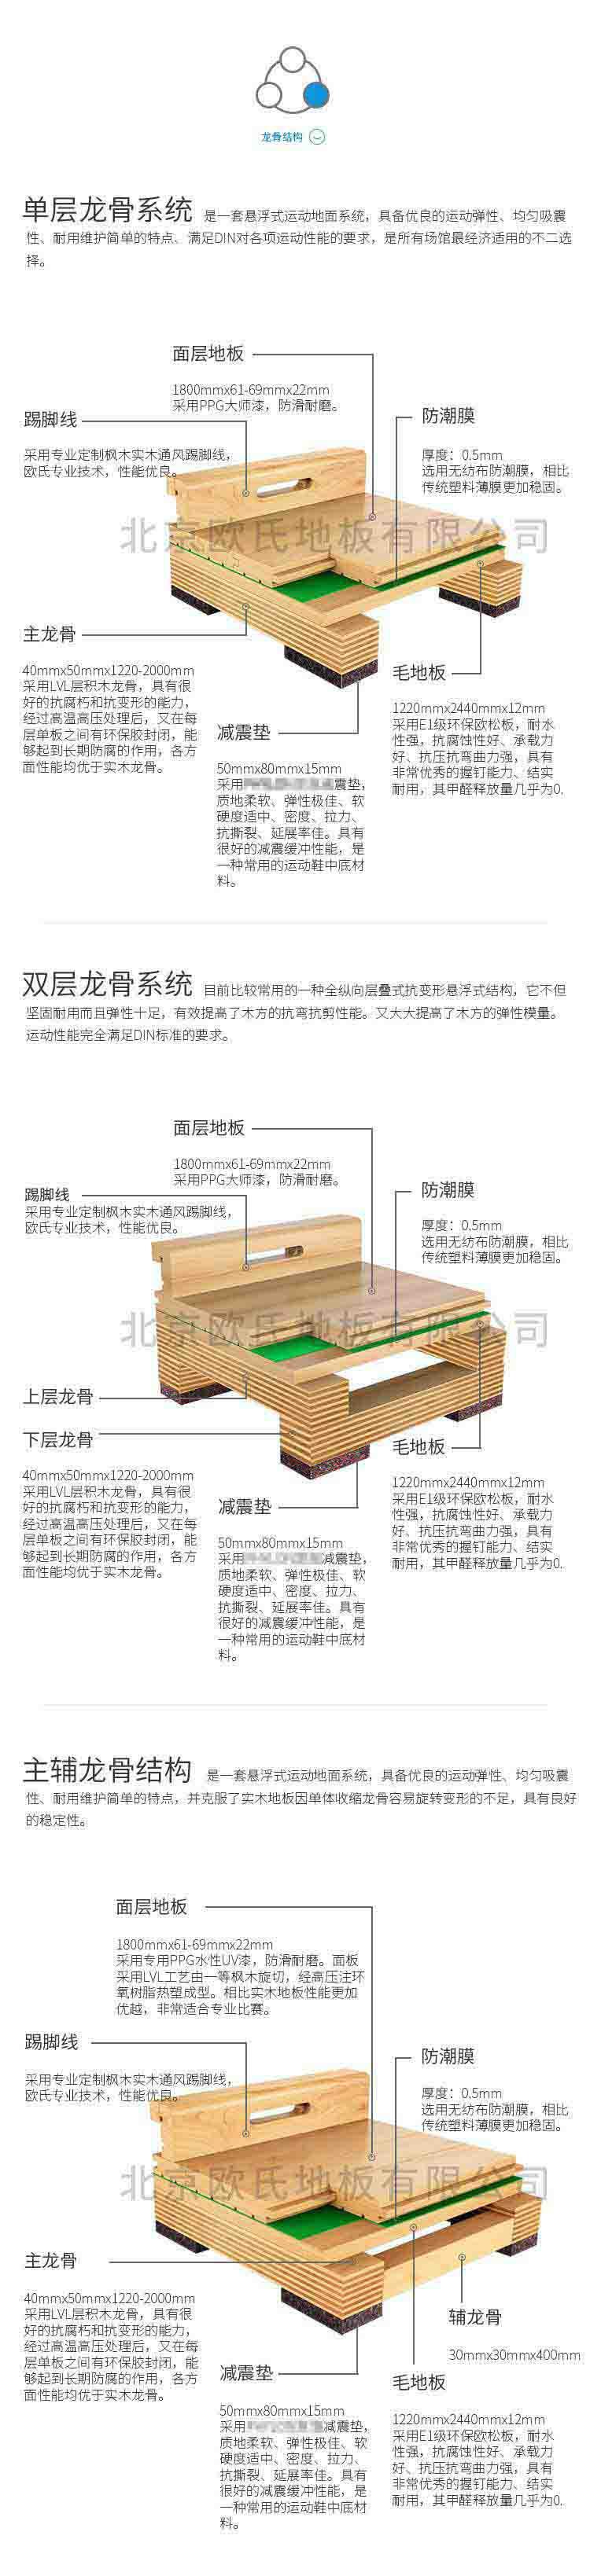 国内专业体育运动木地板厂家_篮球木地板品牌首选